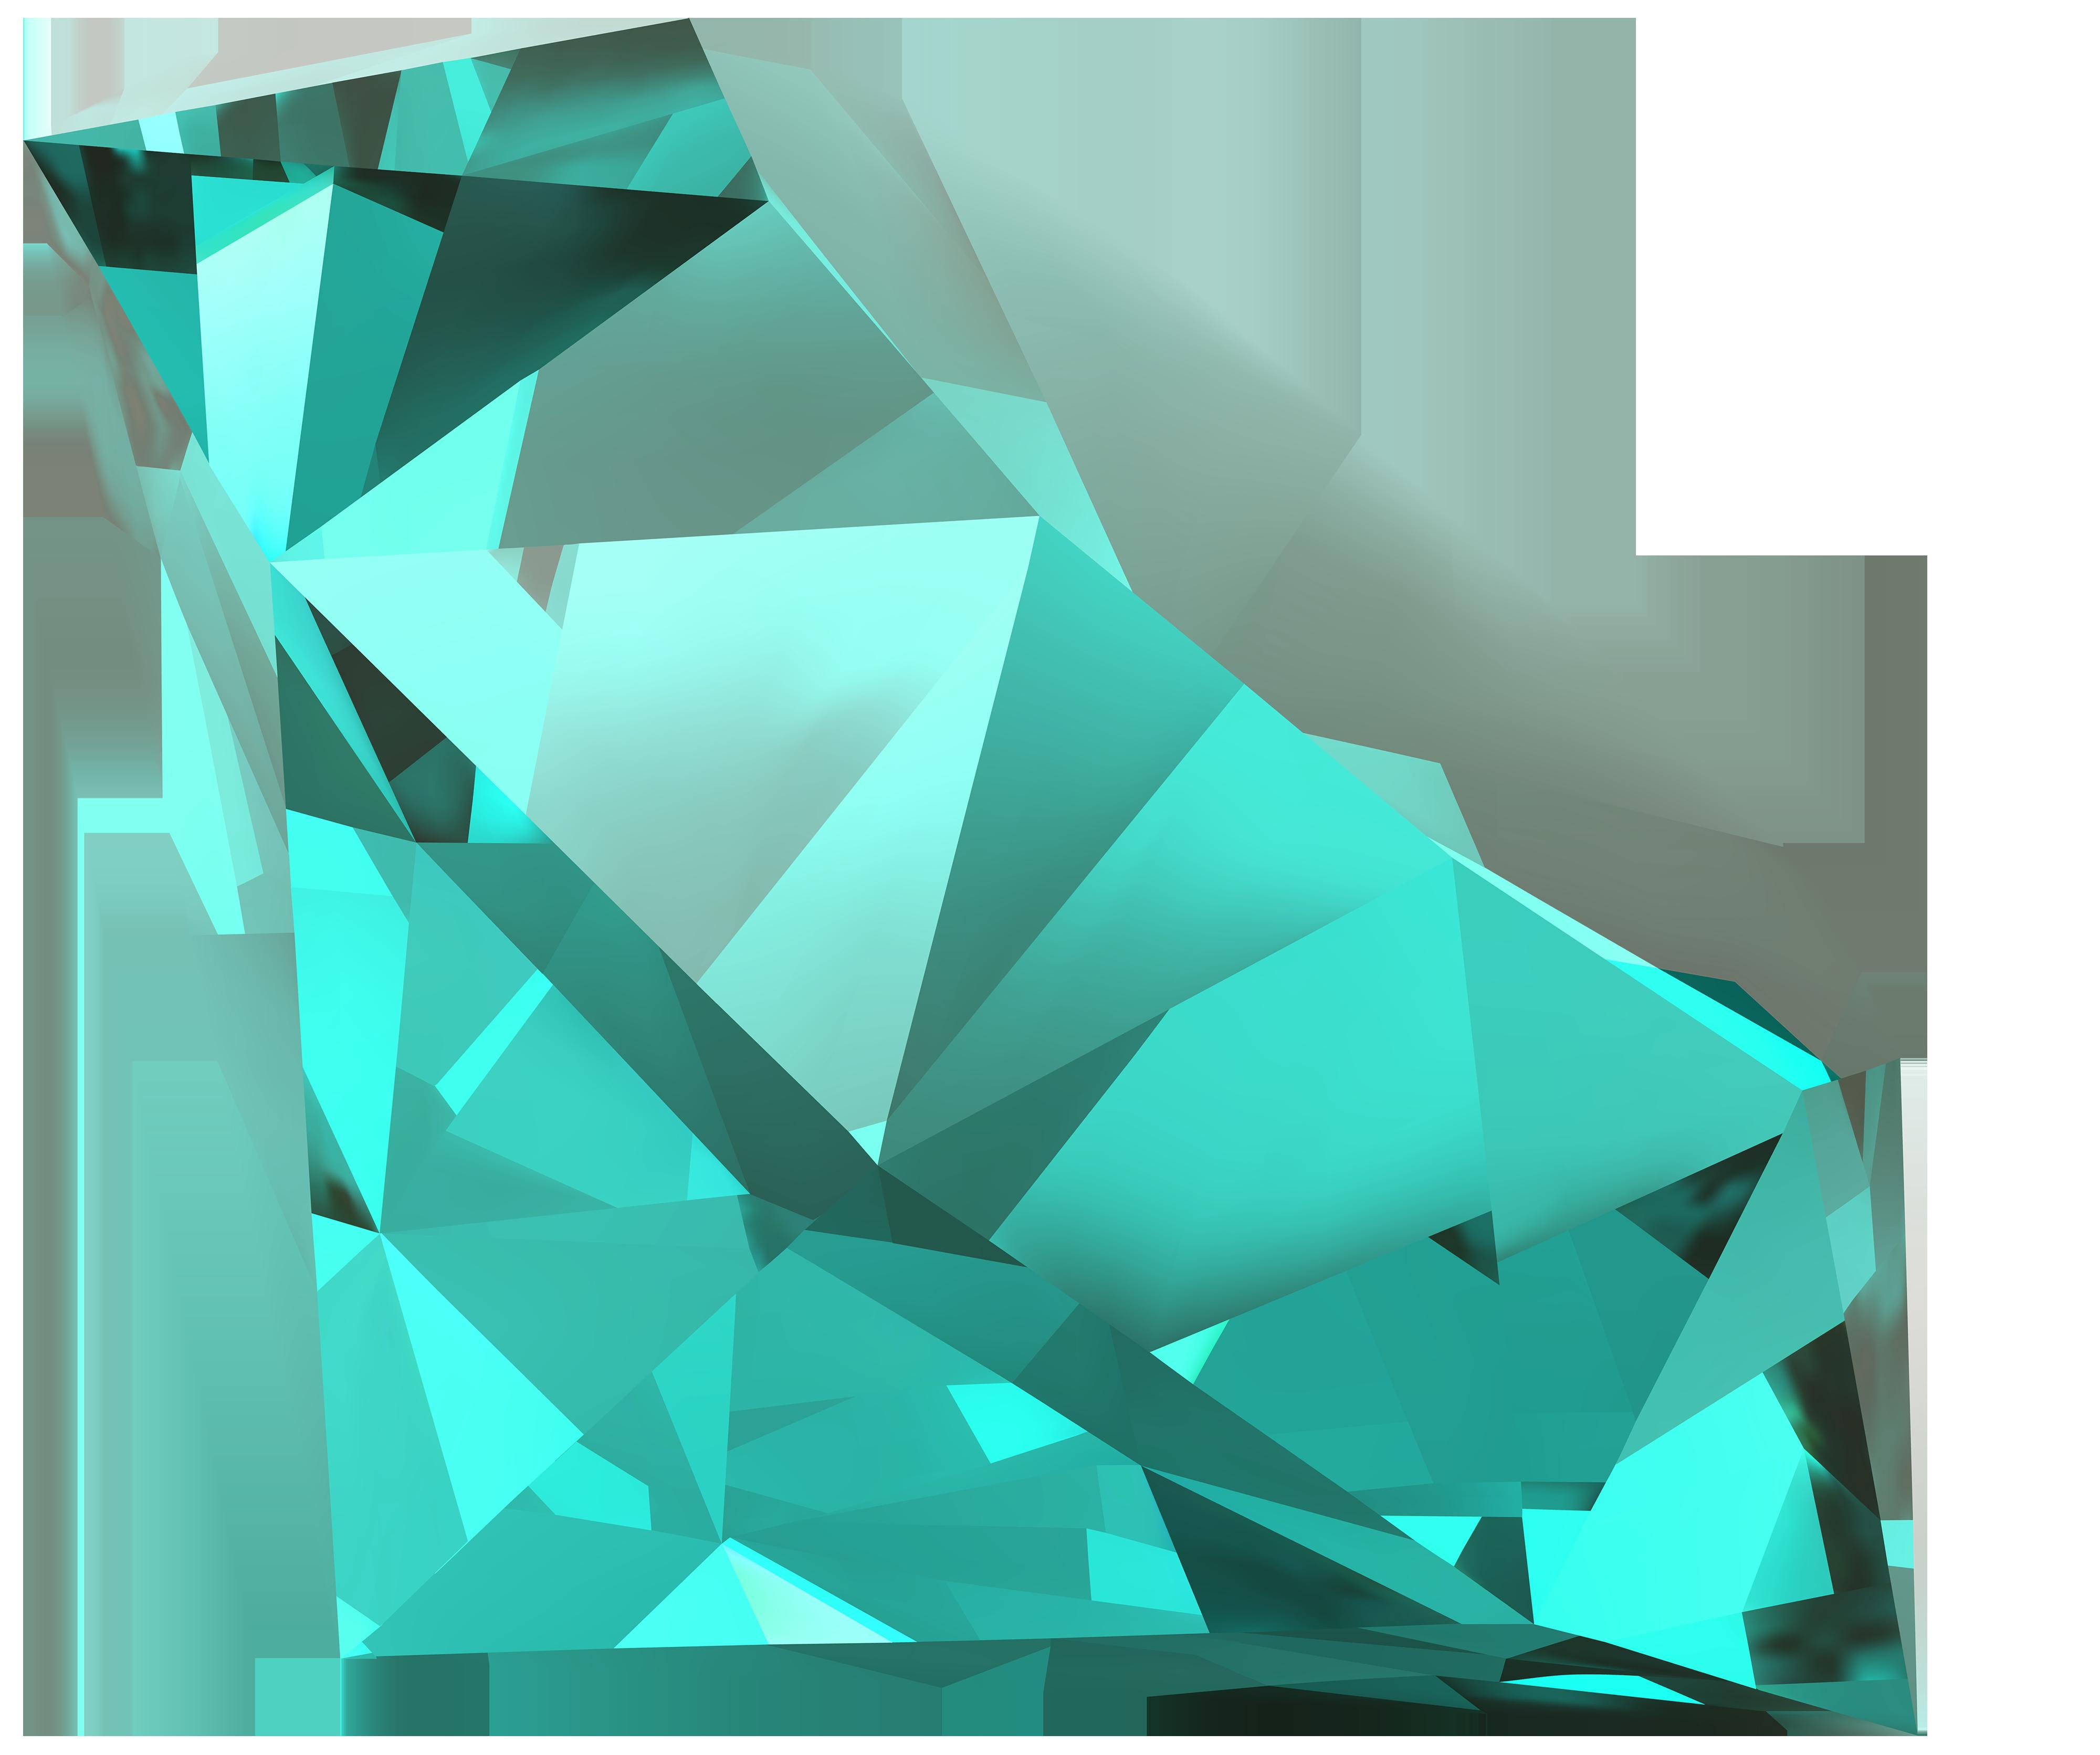 Diamonds clipart coloured. Blue diamond png best